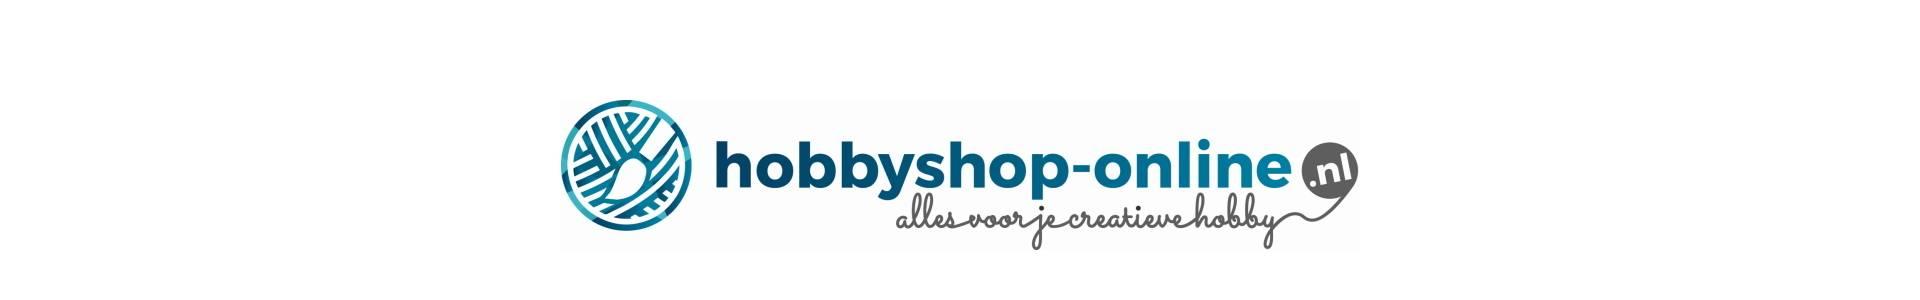 hobbyshop-online.nls achtergrond